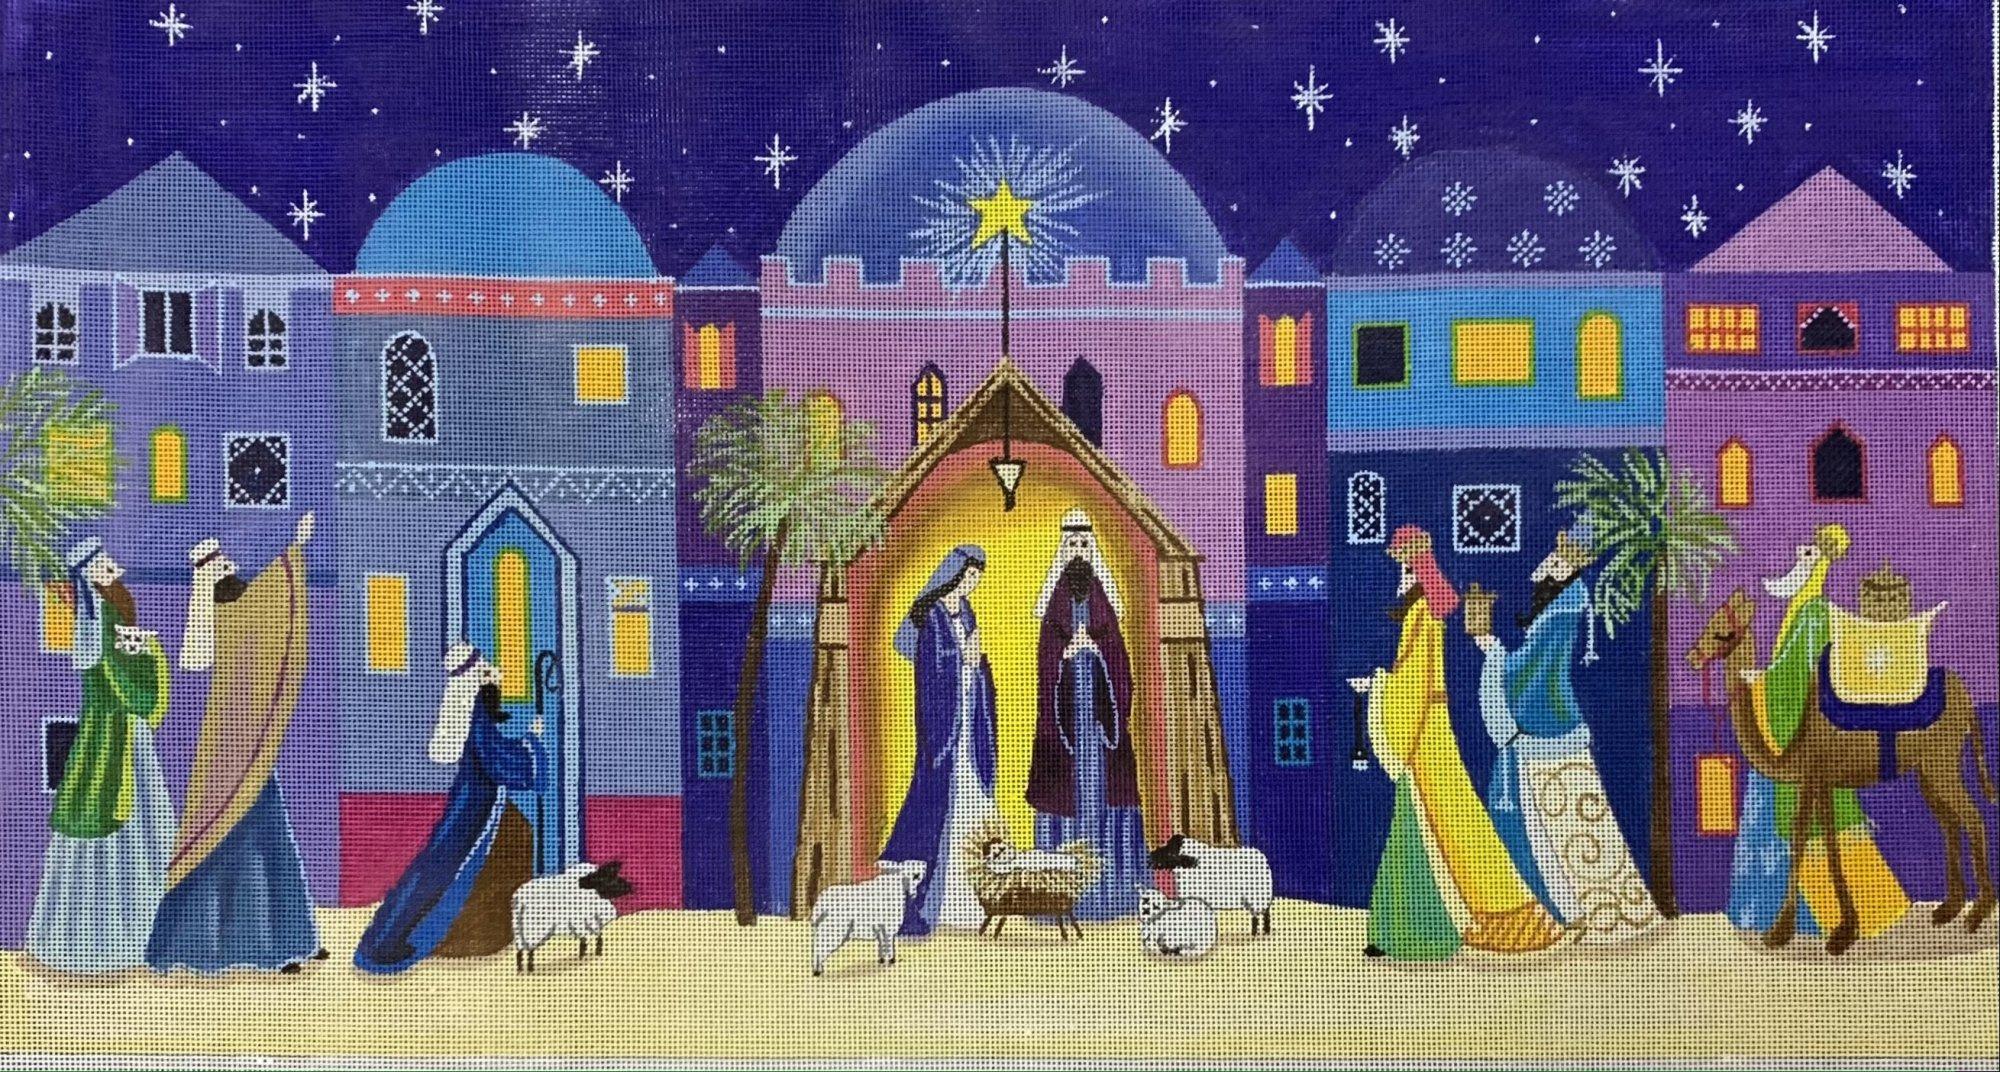 Bethlehem and Manger